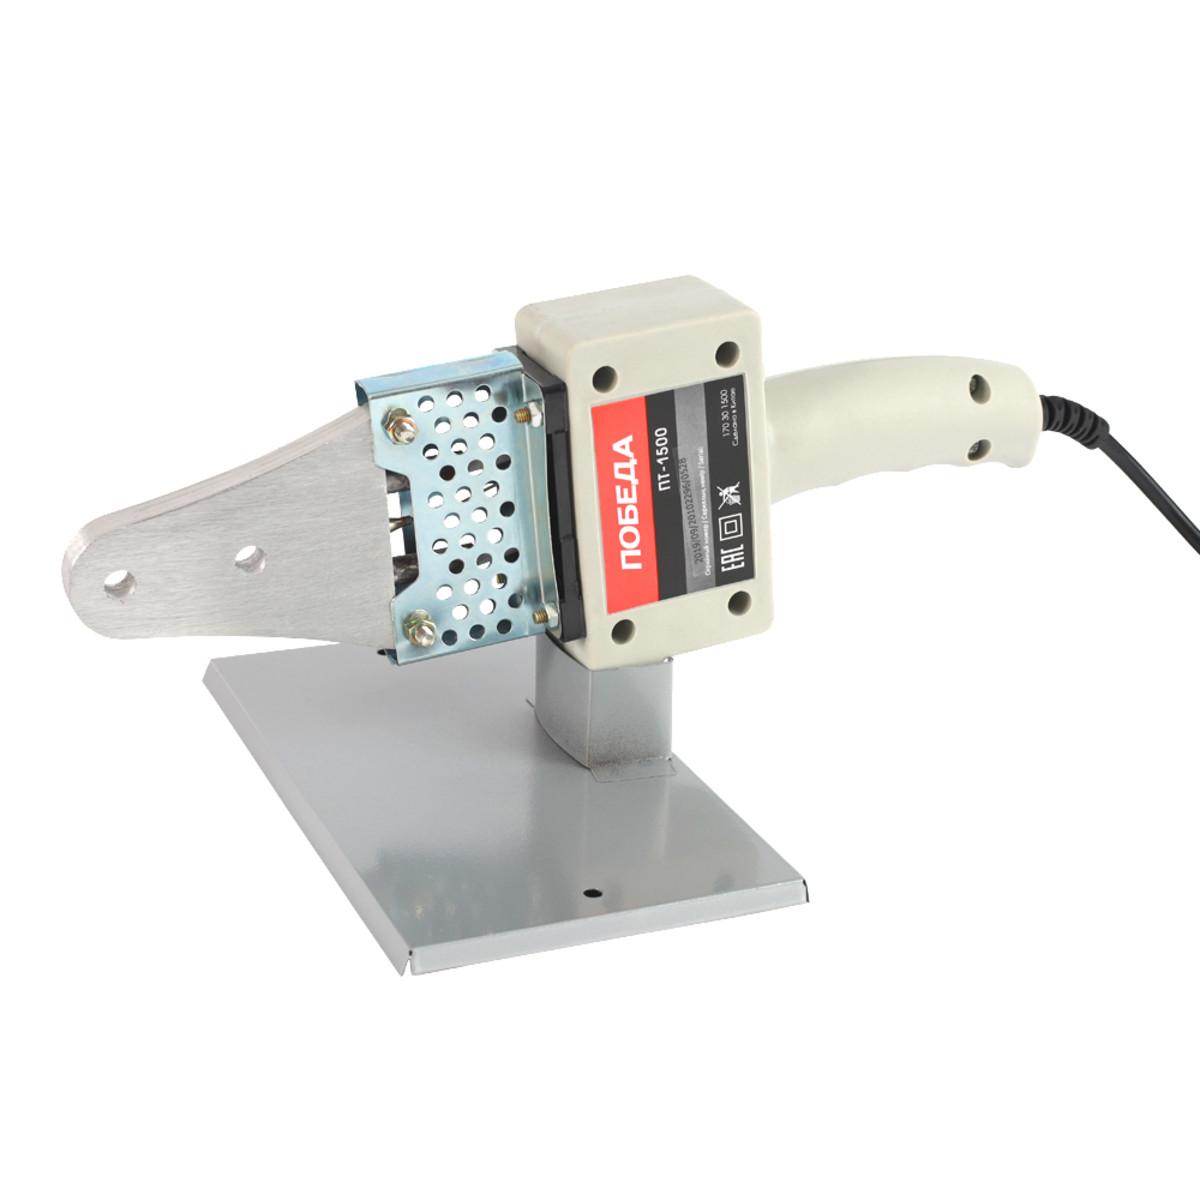 Сварочные аппараты для пластиковых труб Победа ПТ-1500 170301500